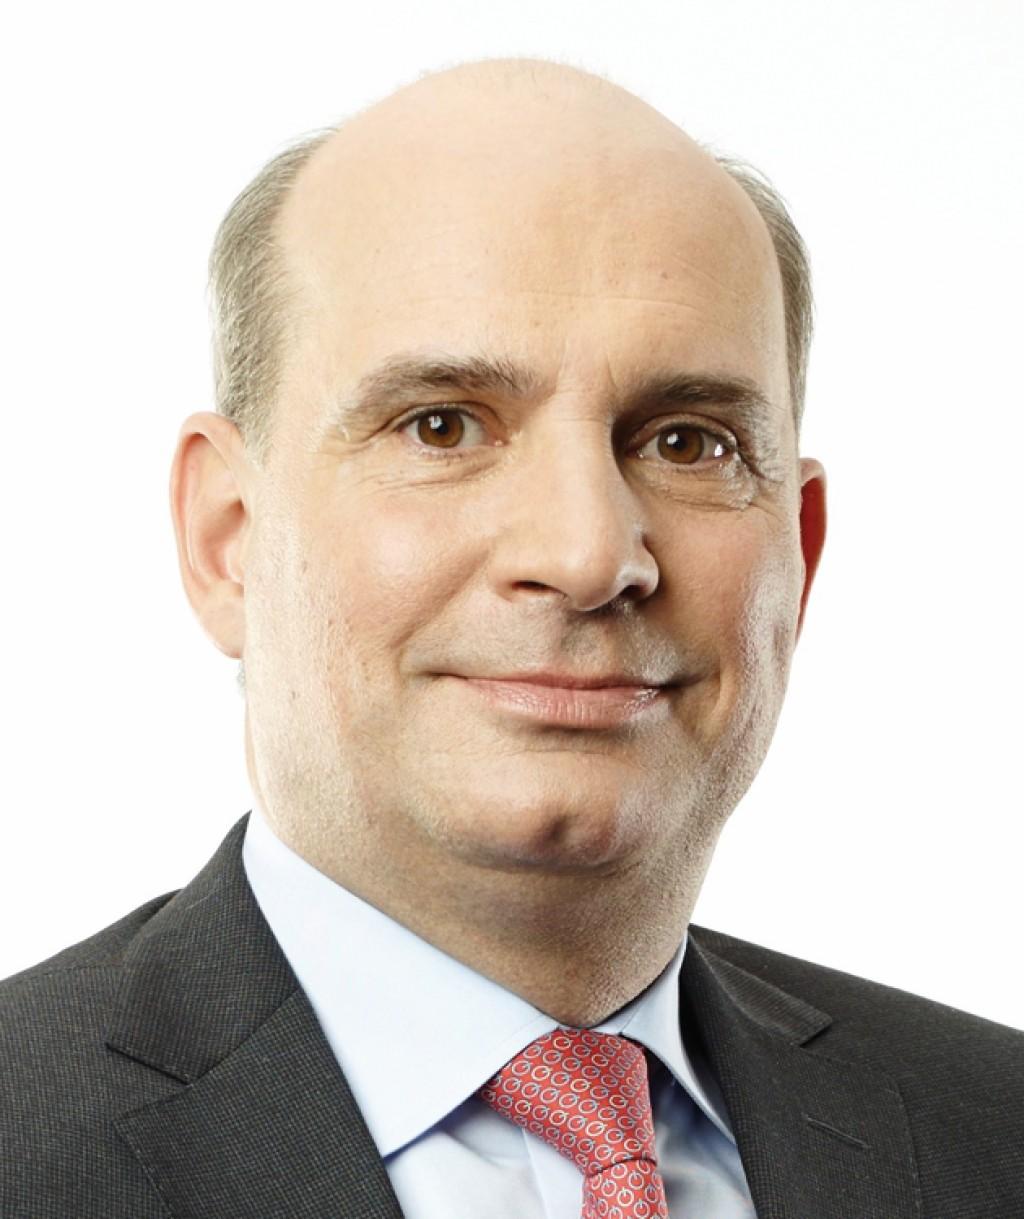 """Eugeniy Ivanov, Prokurist bei der rhenag ag in Köln: """"Energieversorger gehen zunehmend auf die Suche nach einer Fit-for-Purpose-IT-Lösung."""" Bild: rhenag"""